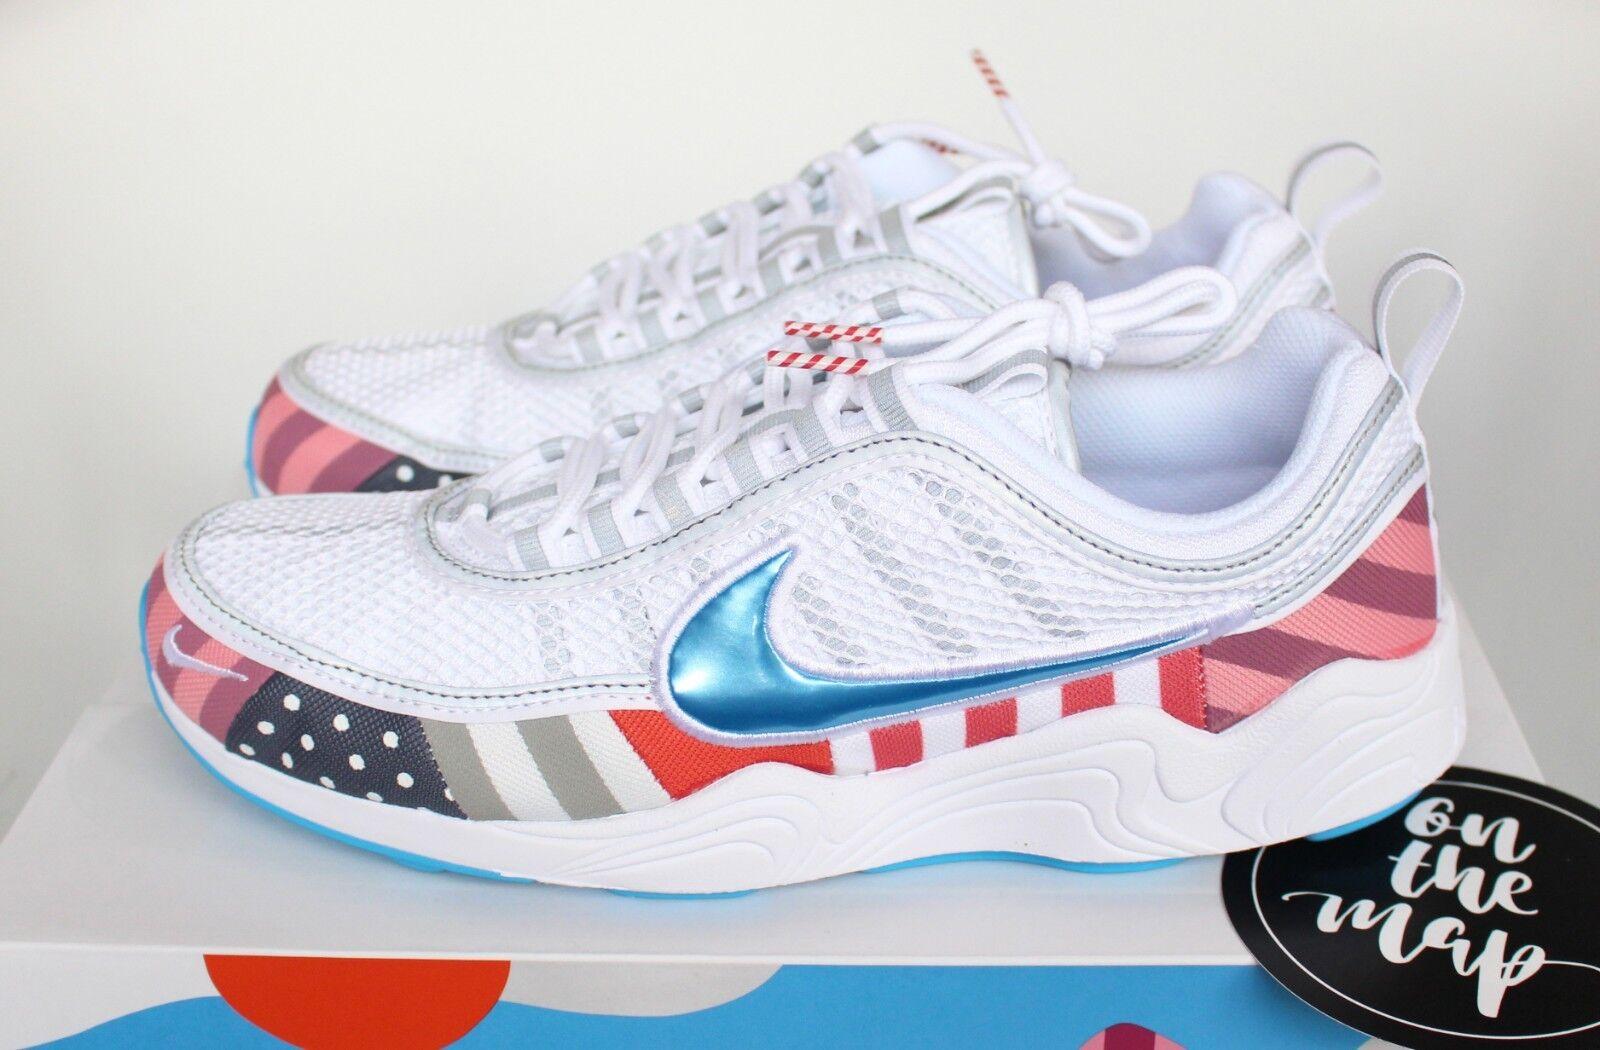 separation shoes cd8b3 aa4fa Nike x Parra Air Zoom Spiridon multi Blanco multi Spiridon av4744-100  nosotros nuevos zapatos para hombres y mujeres, el limitado tiempo de  descuento e840e0